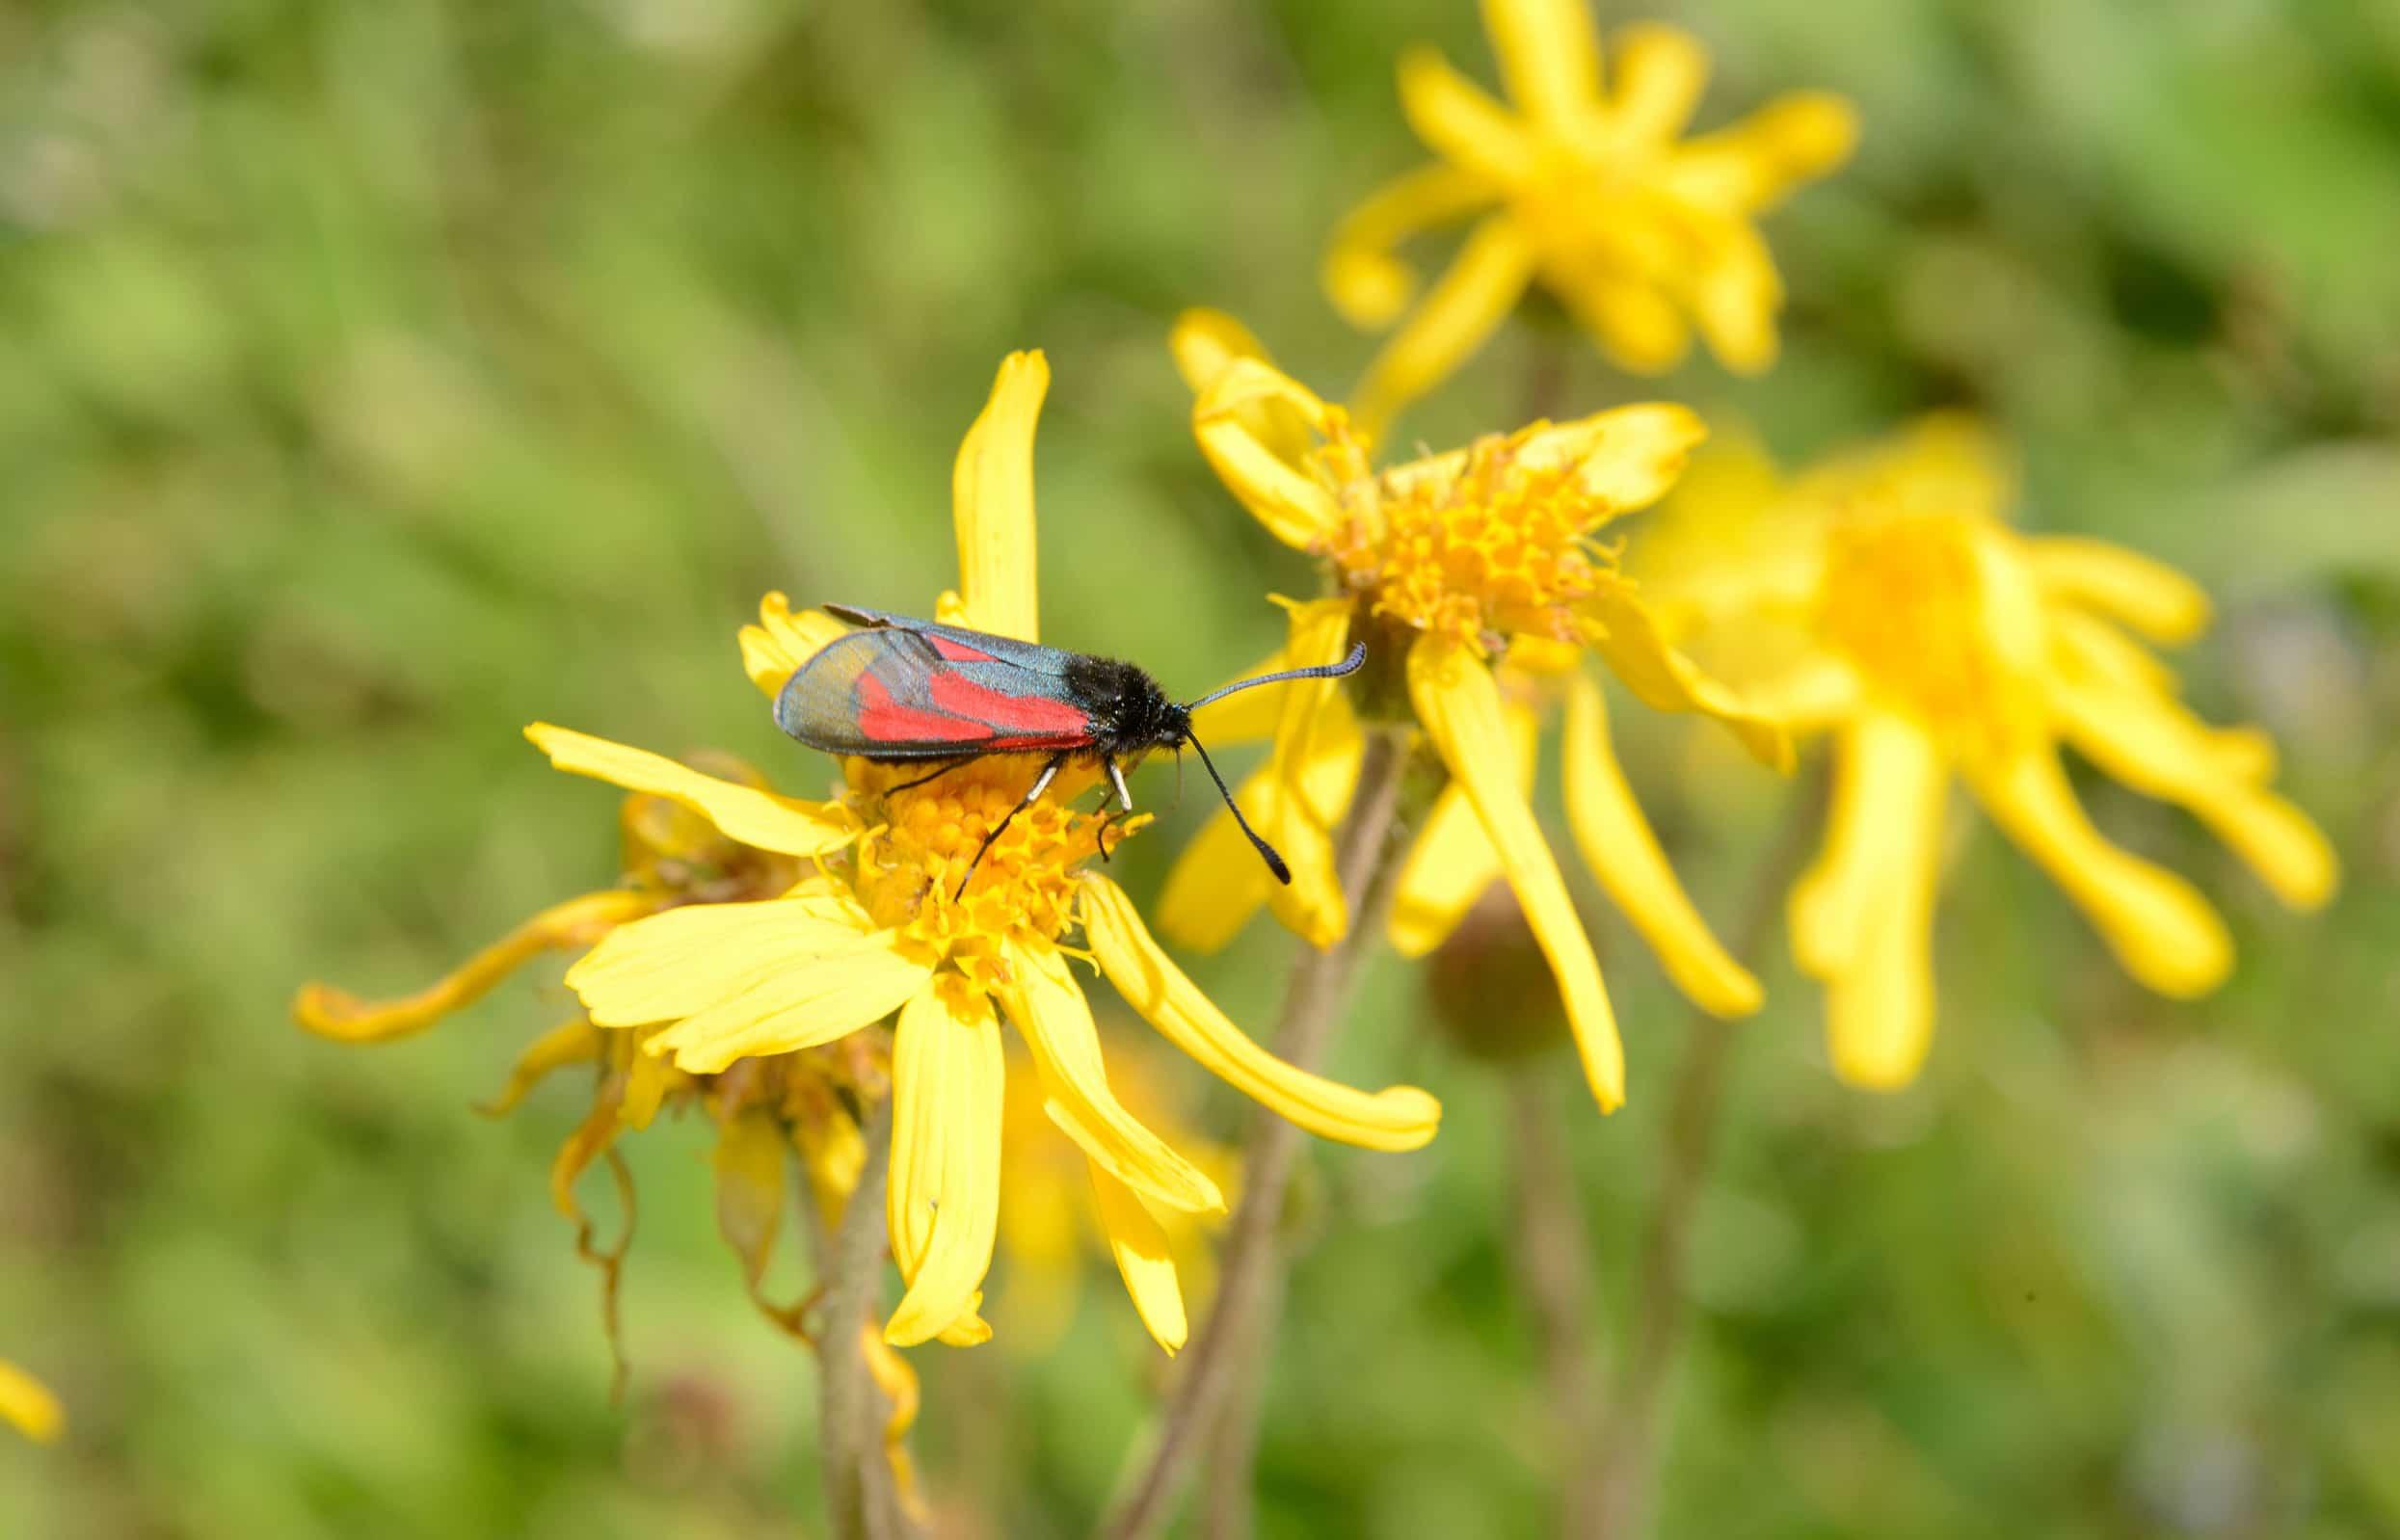 Bundesamt für Naturschutz (BfN) fördert wegweisendes WWF-Projekt im Biosphärengebiet Schwarzwald zum Insektenschutz